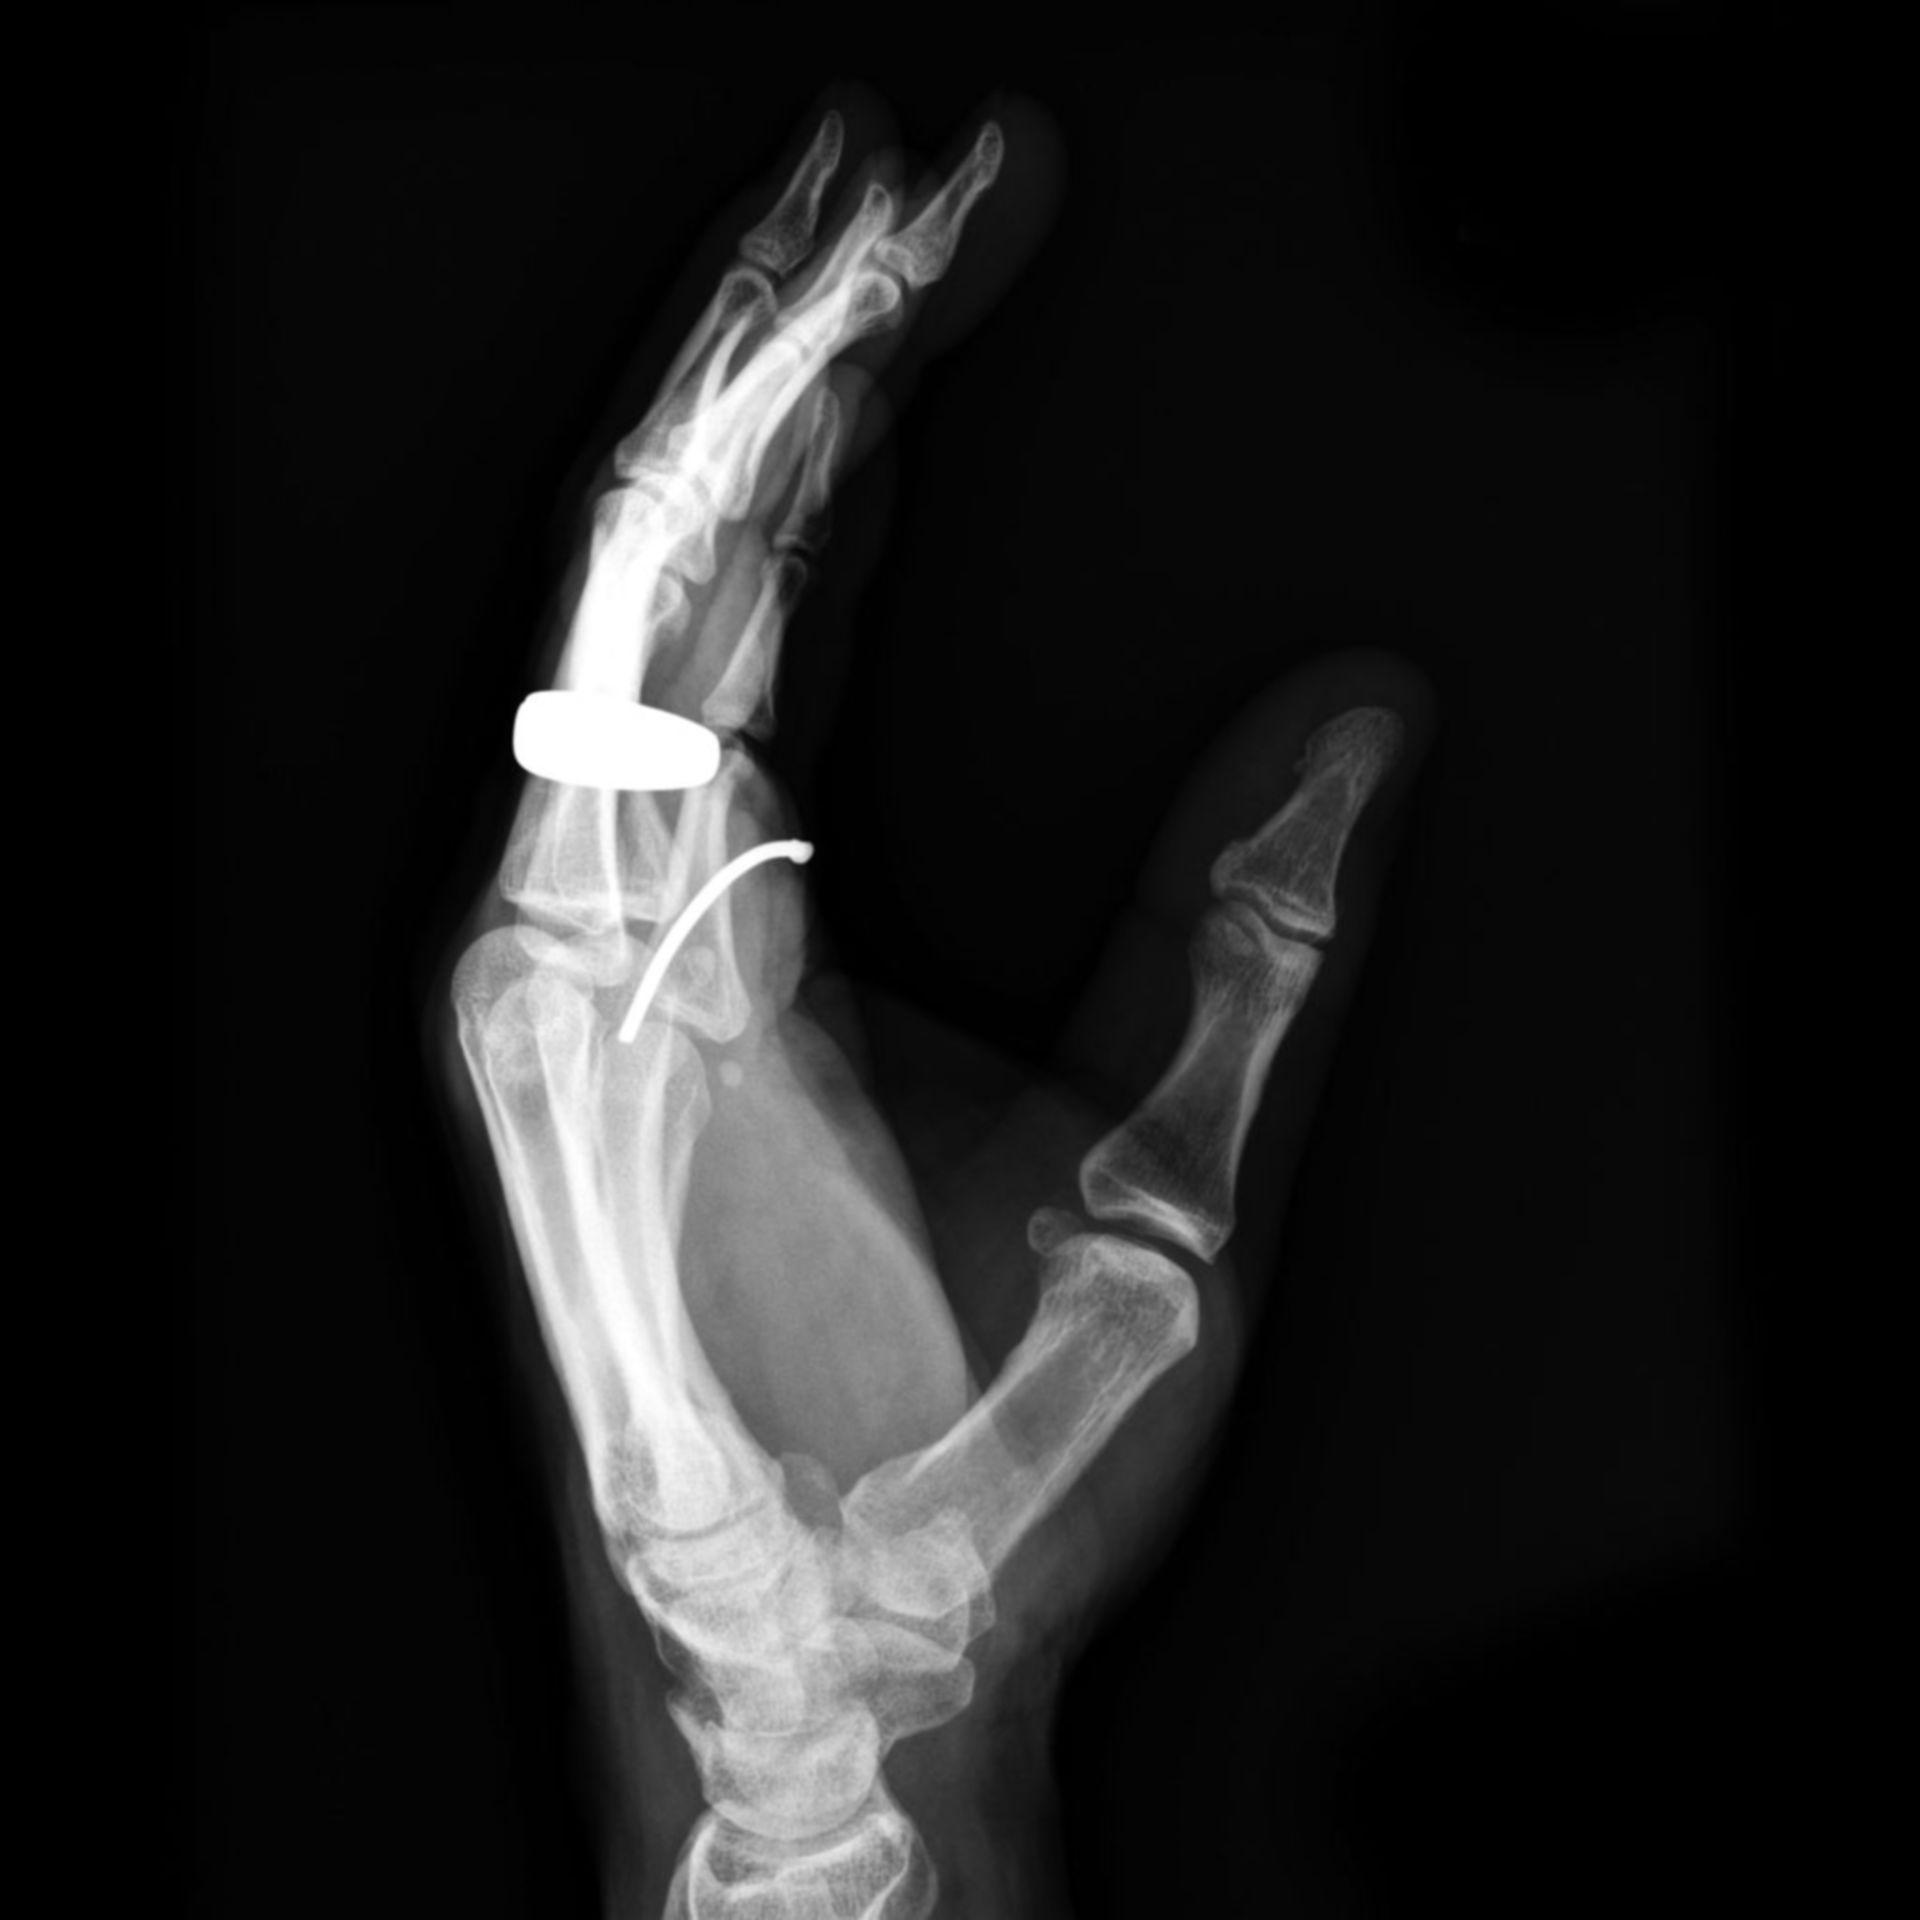 Chiodo nella mano (radiografie, vista laterale.)